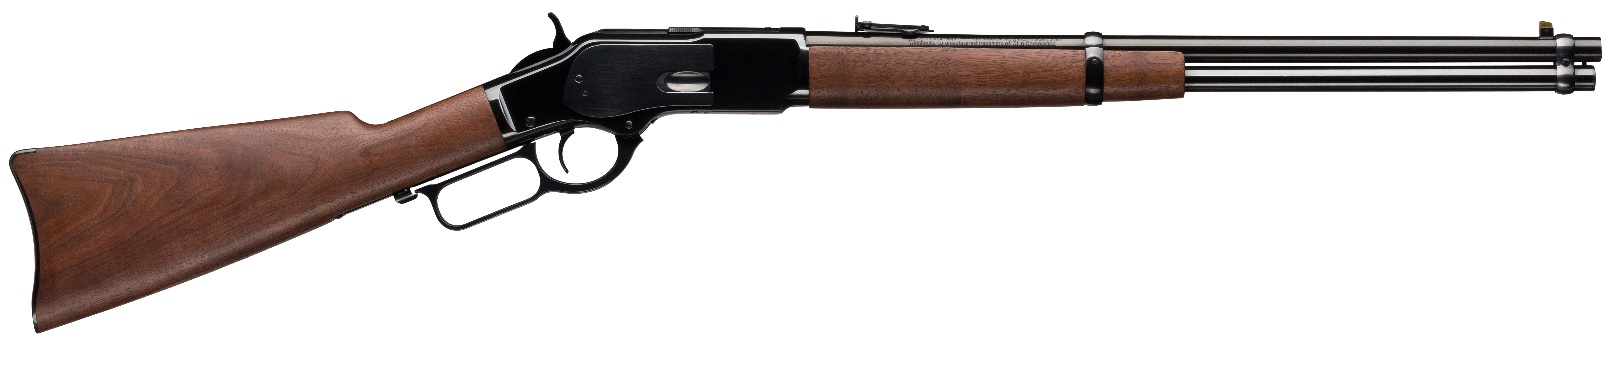 Winchester 1873 Carbine 45 Colt